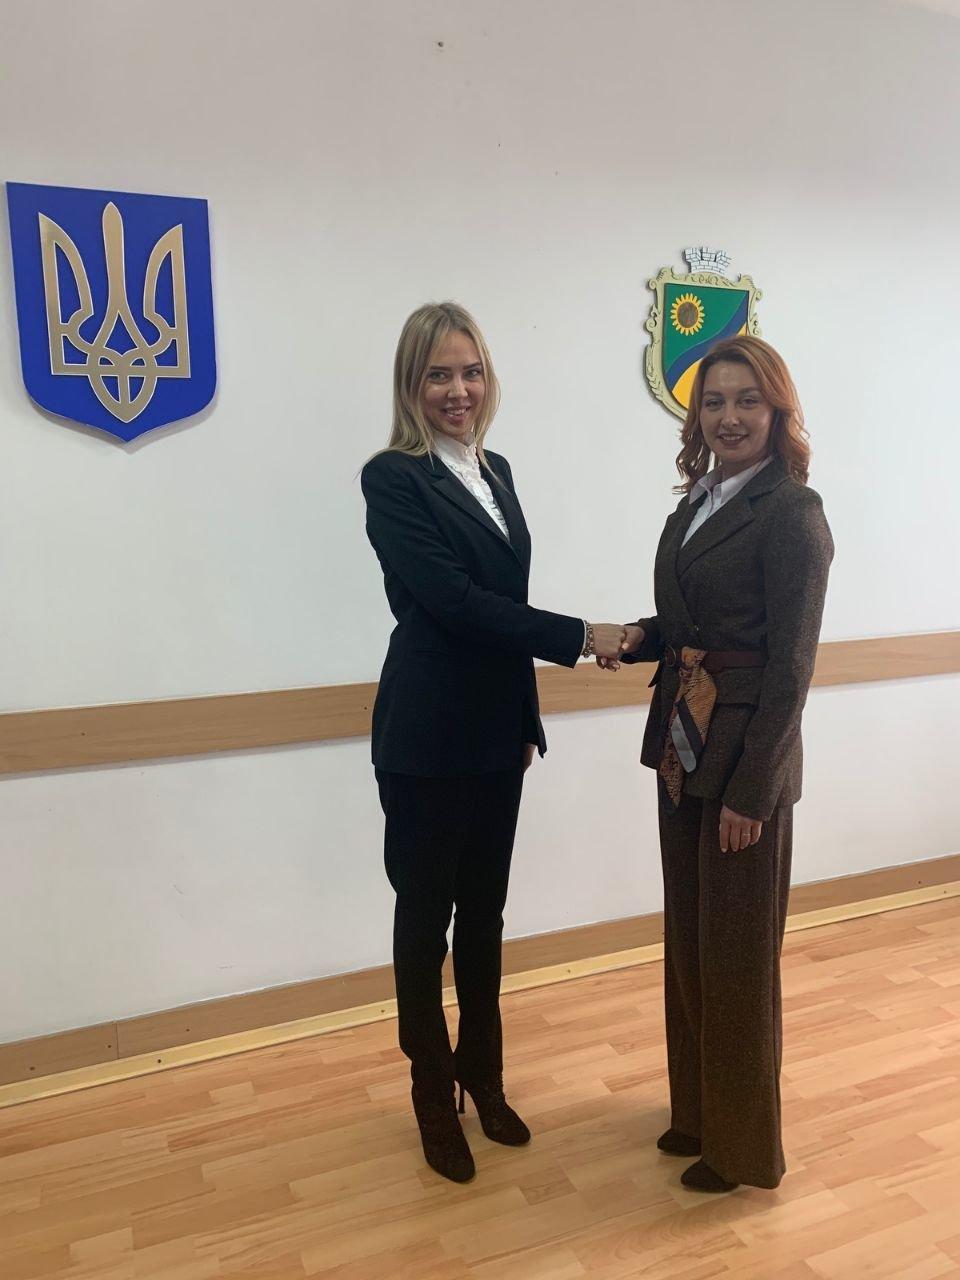 В Днепропетровской области назначили 7 новых глав районных администраций, - ФОТО, фото-2